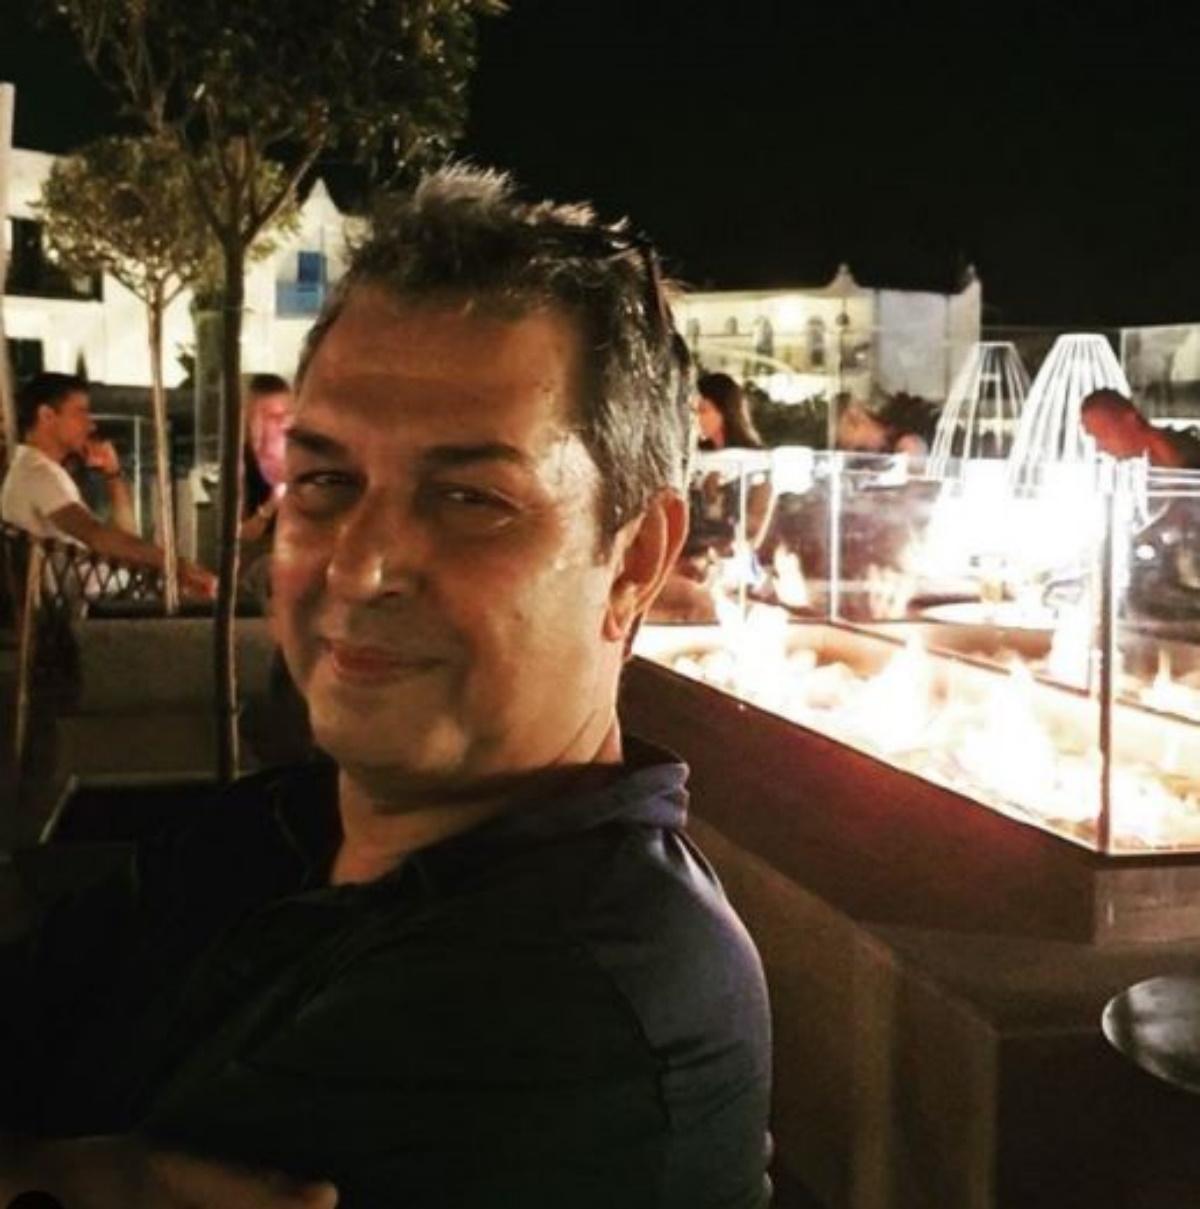 Δύσκολες ώρες για τον Χρήστο Χατζηπαναγιώτη – Το συγκινητικό ποστ του ηθοποιού στα social media